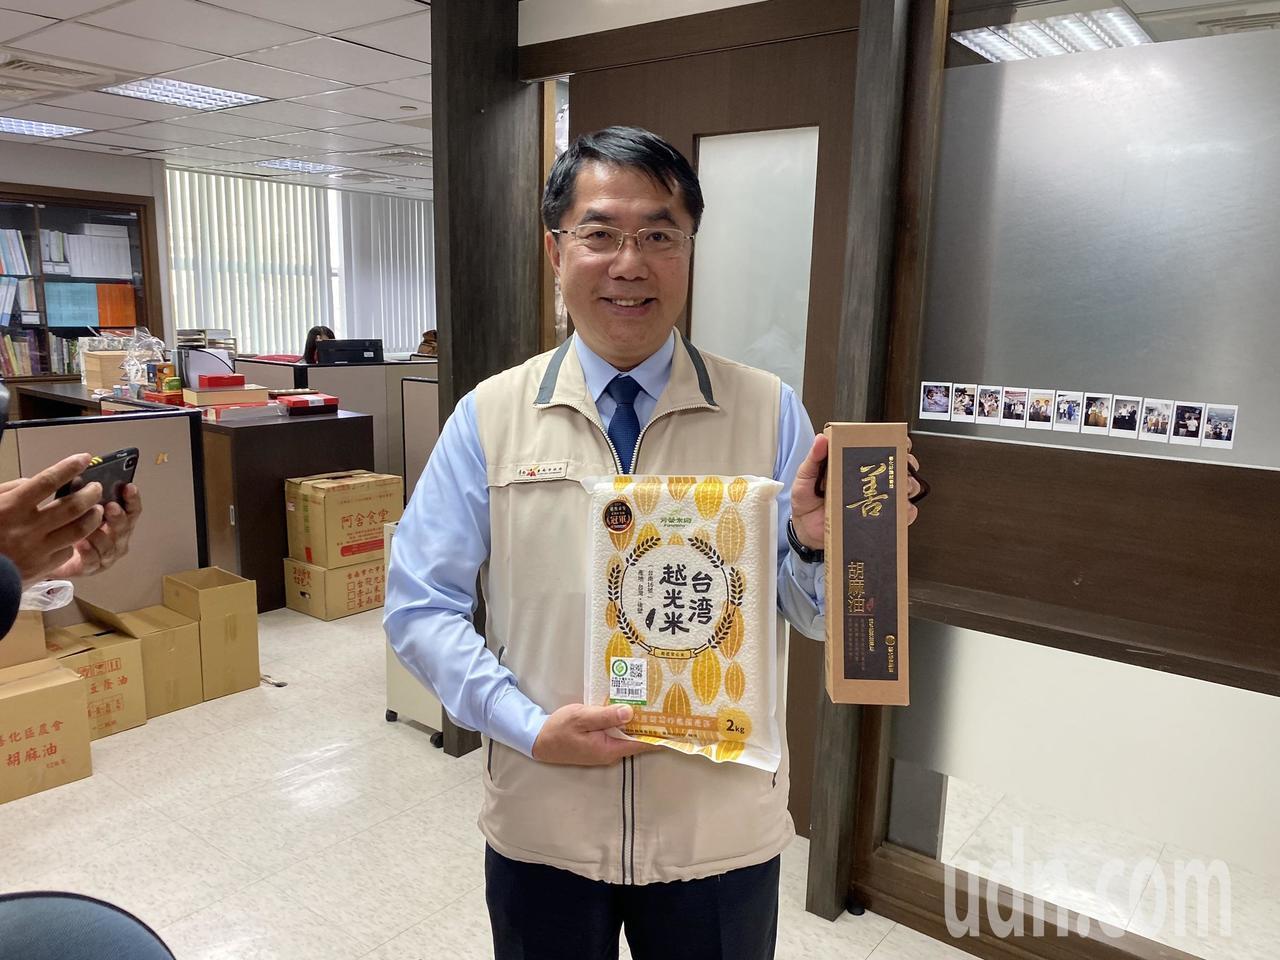 台南市長黃偉哲將送越光米、麻油等,作為林志玲的嫁妝。記者鄭維真/攝影